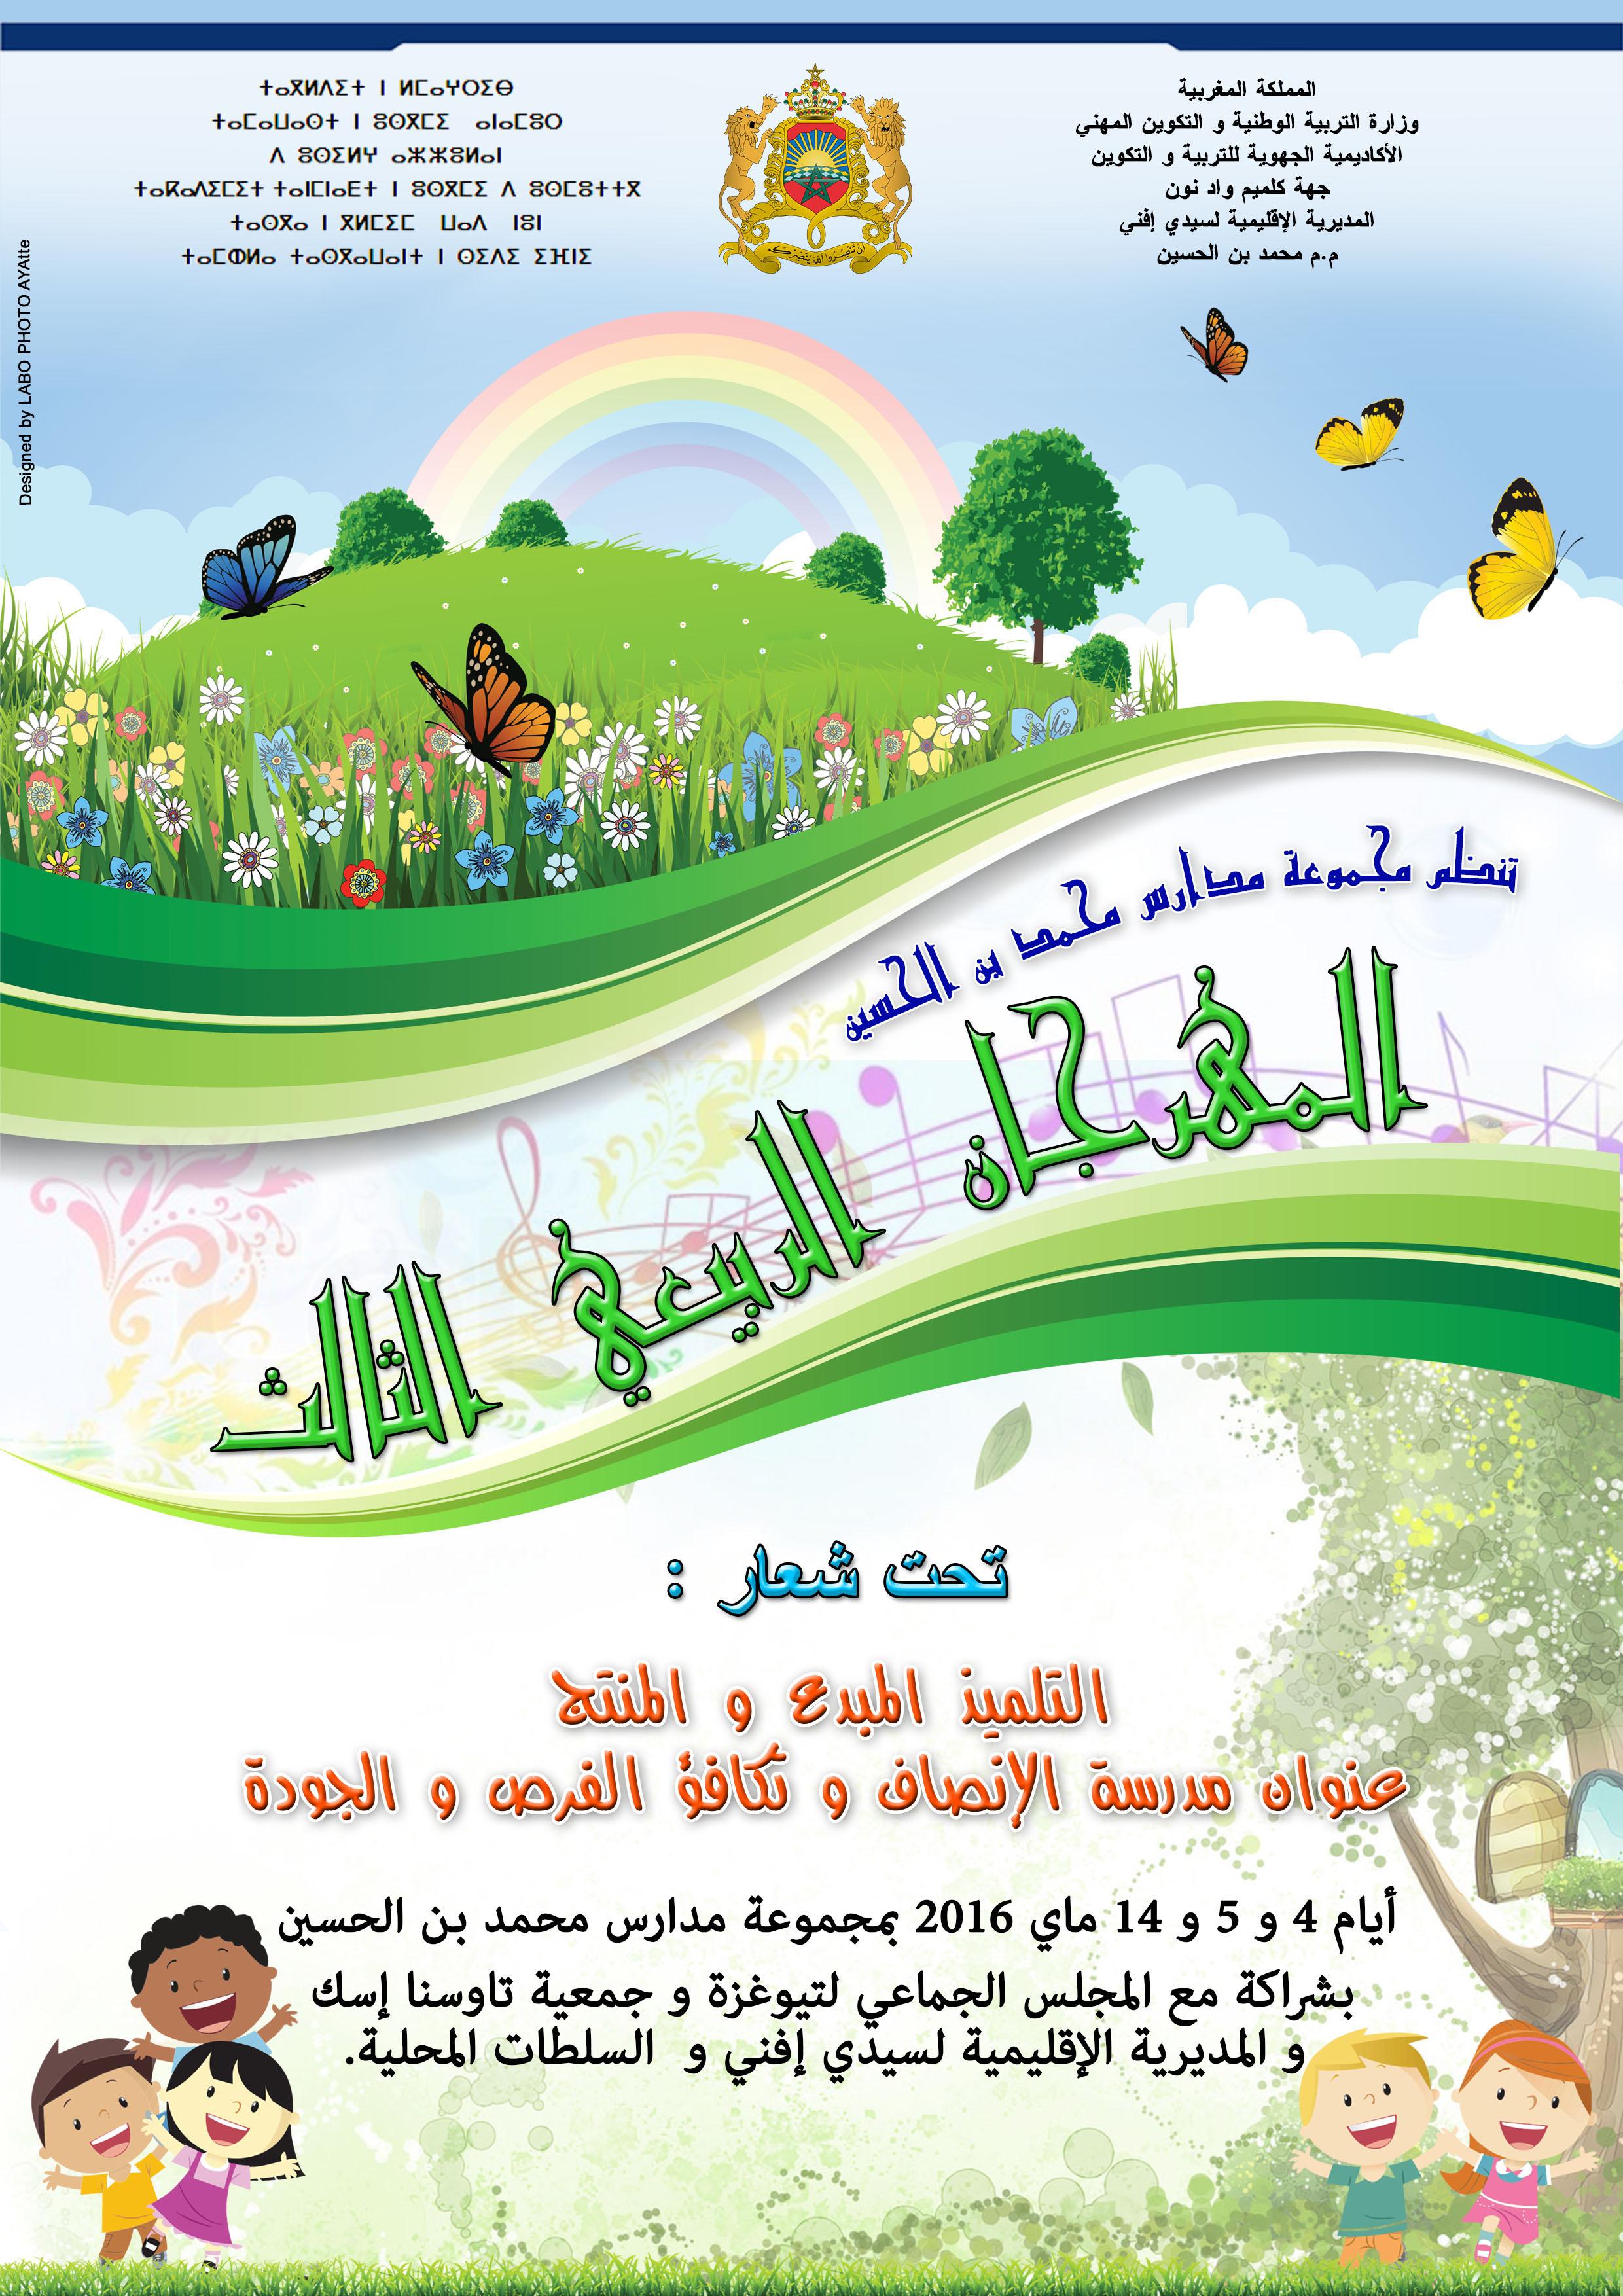 المهرجان الربيعي الثالث لمجموعة مدراس محمد بن الحسين